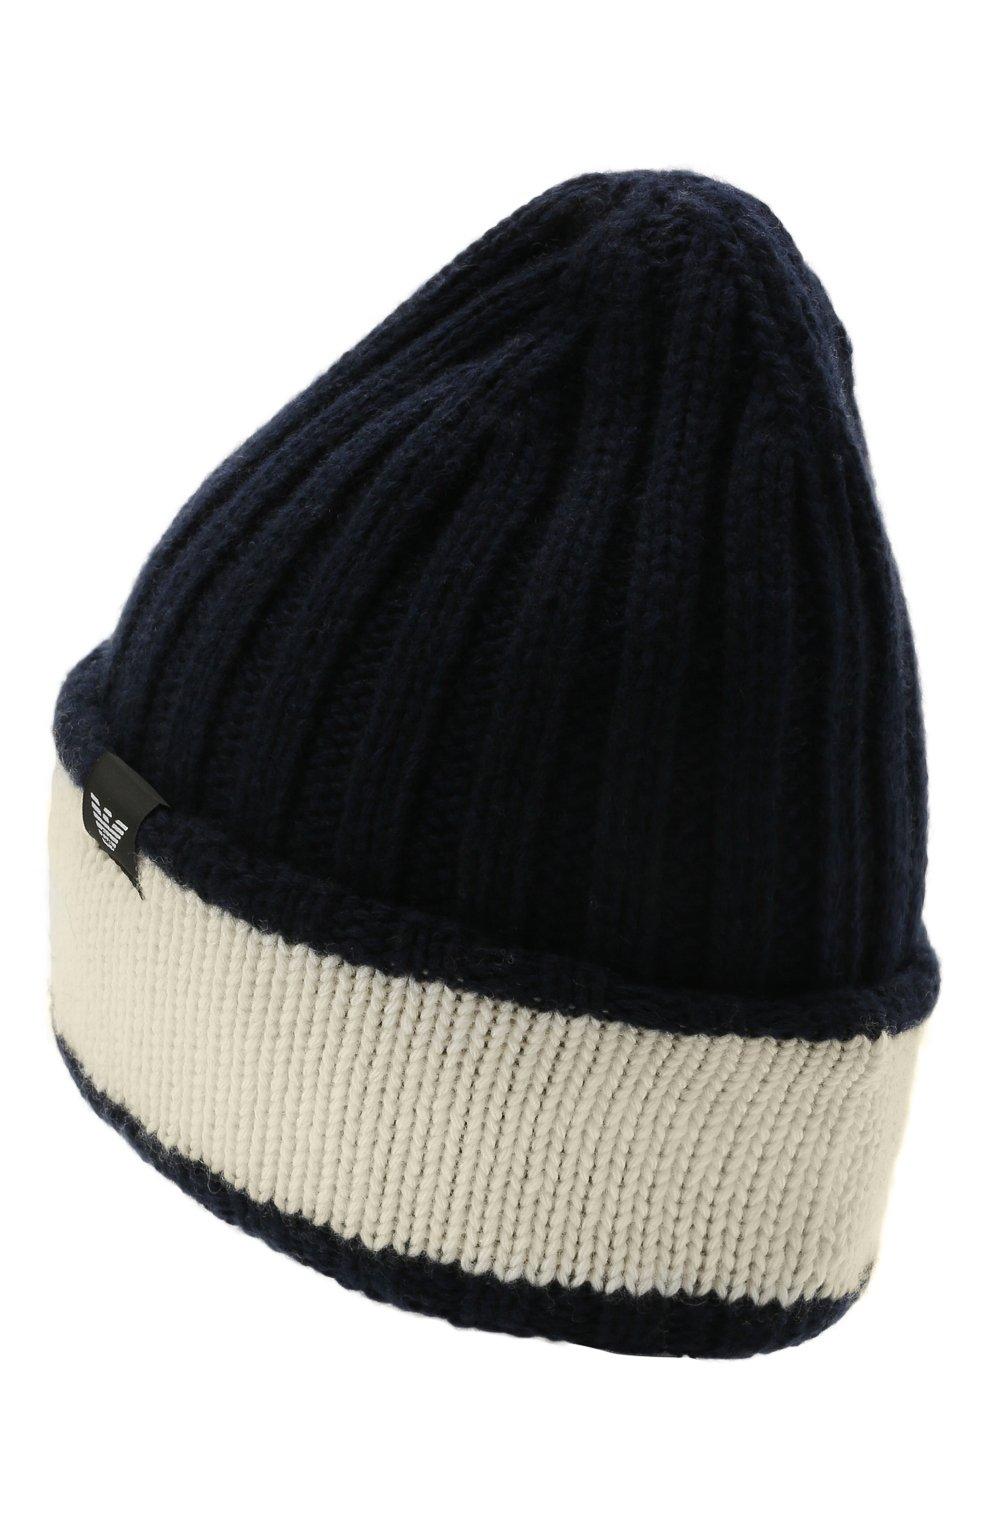 Детский комплект из шапки и шарфа EMPORIO ARMANI синего цвета, арт. 407515/1A767   Фото 3 (Материал: Текстиль, Шерсть, Вискоза)